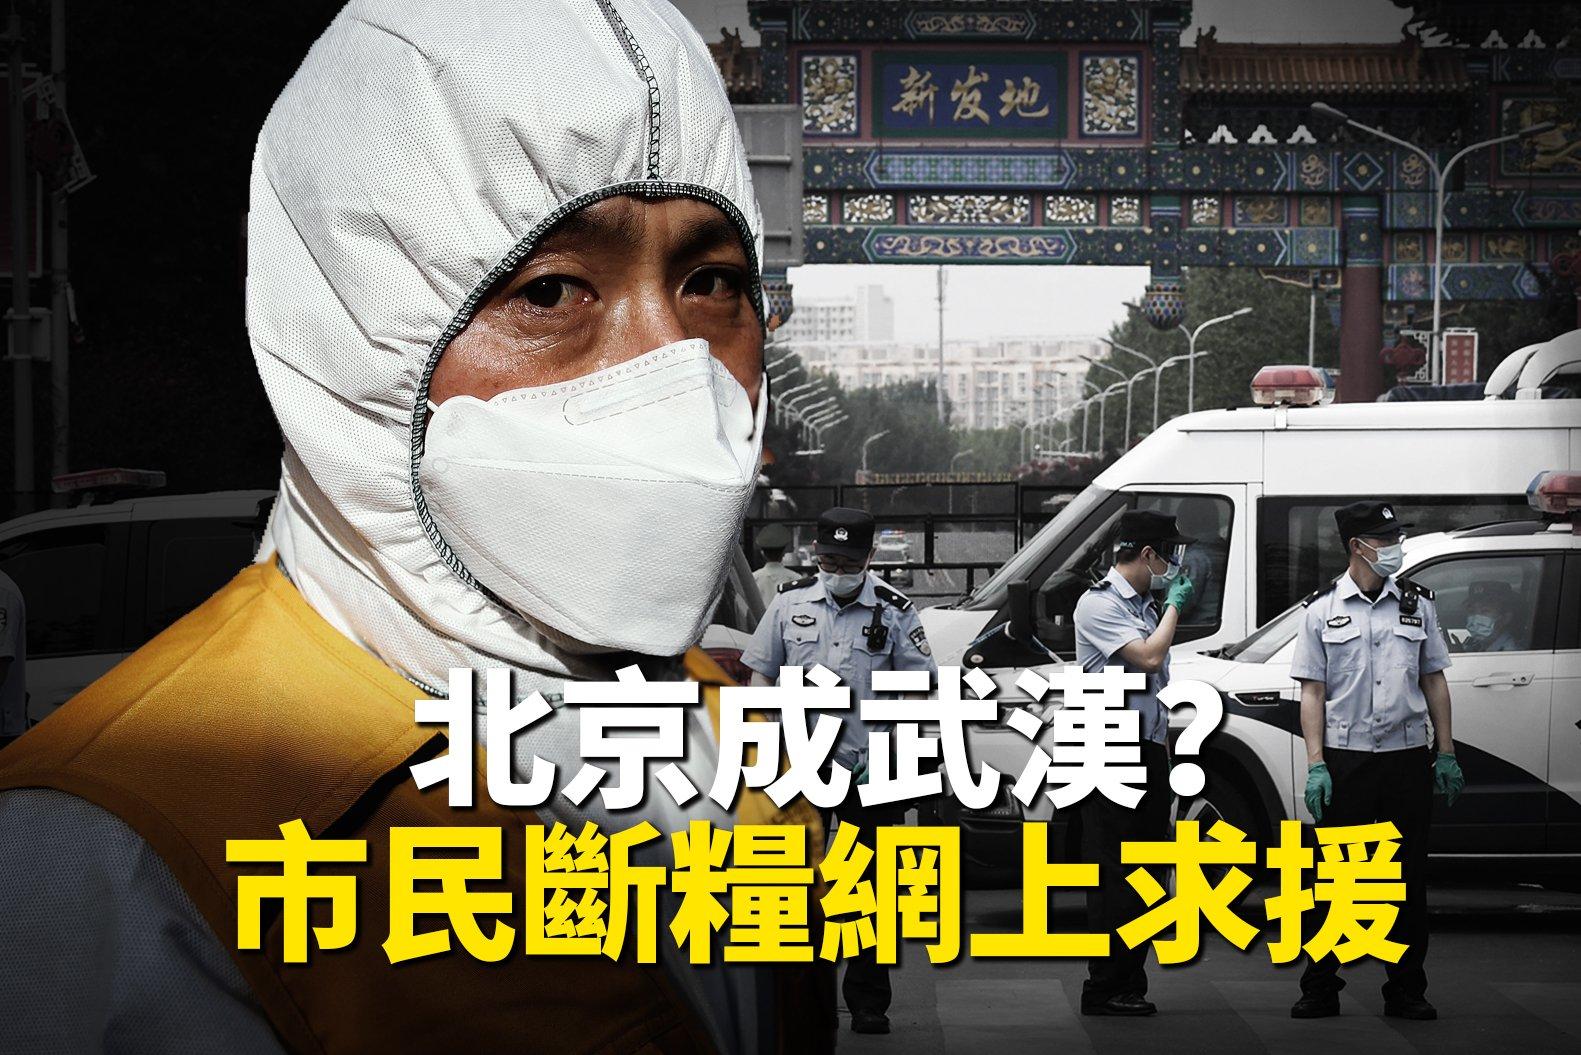 北京成武漢?所有小區被封,有市民斷糧網上求援。(大紀元合成)